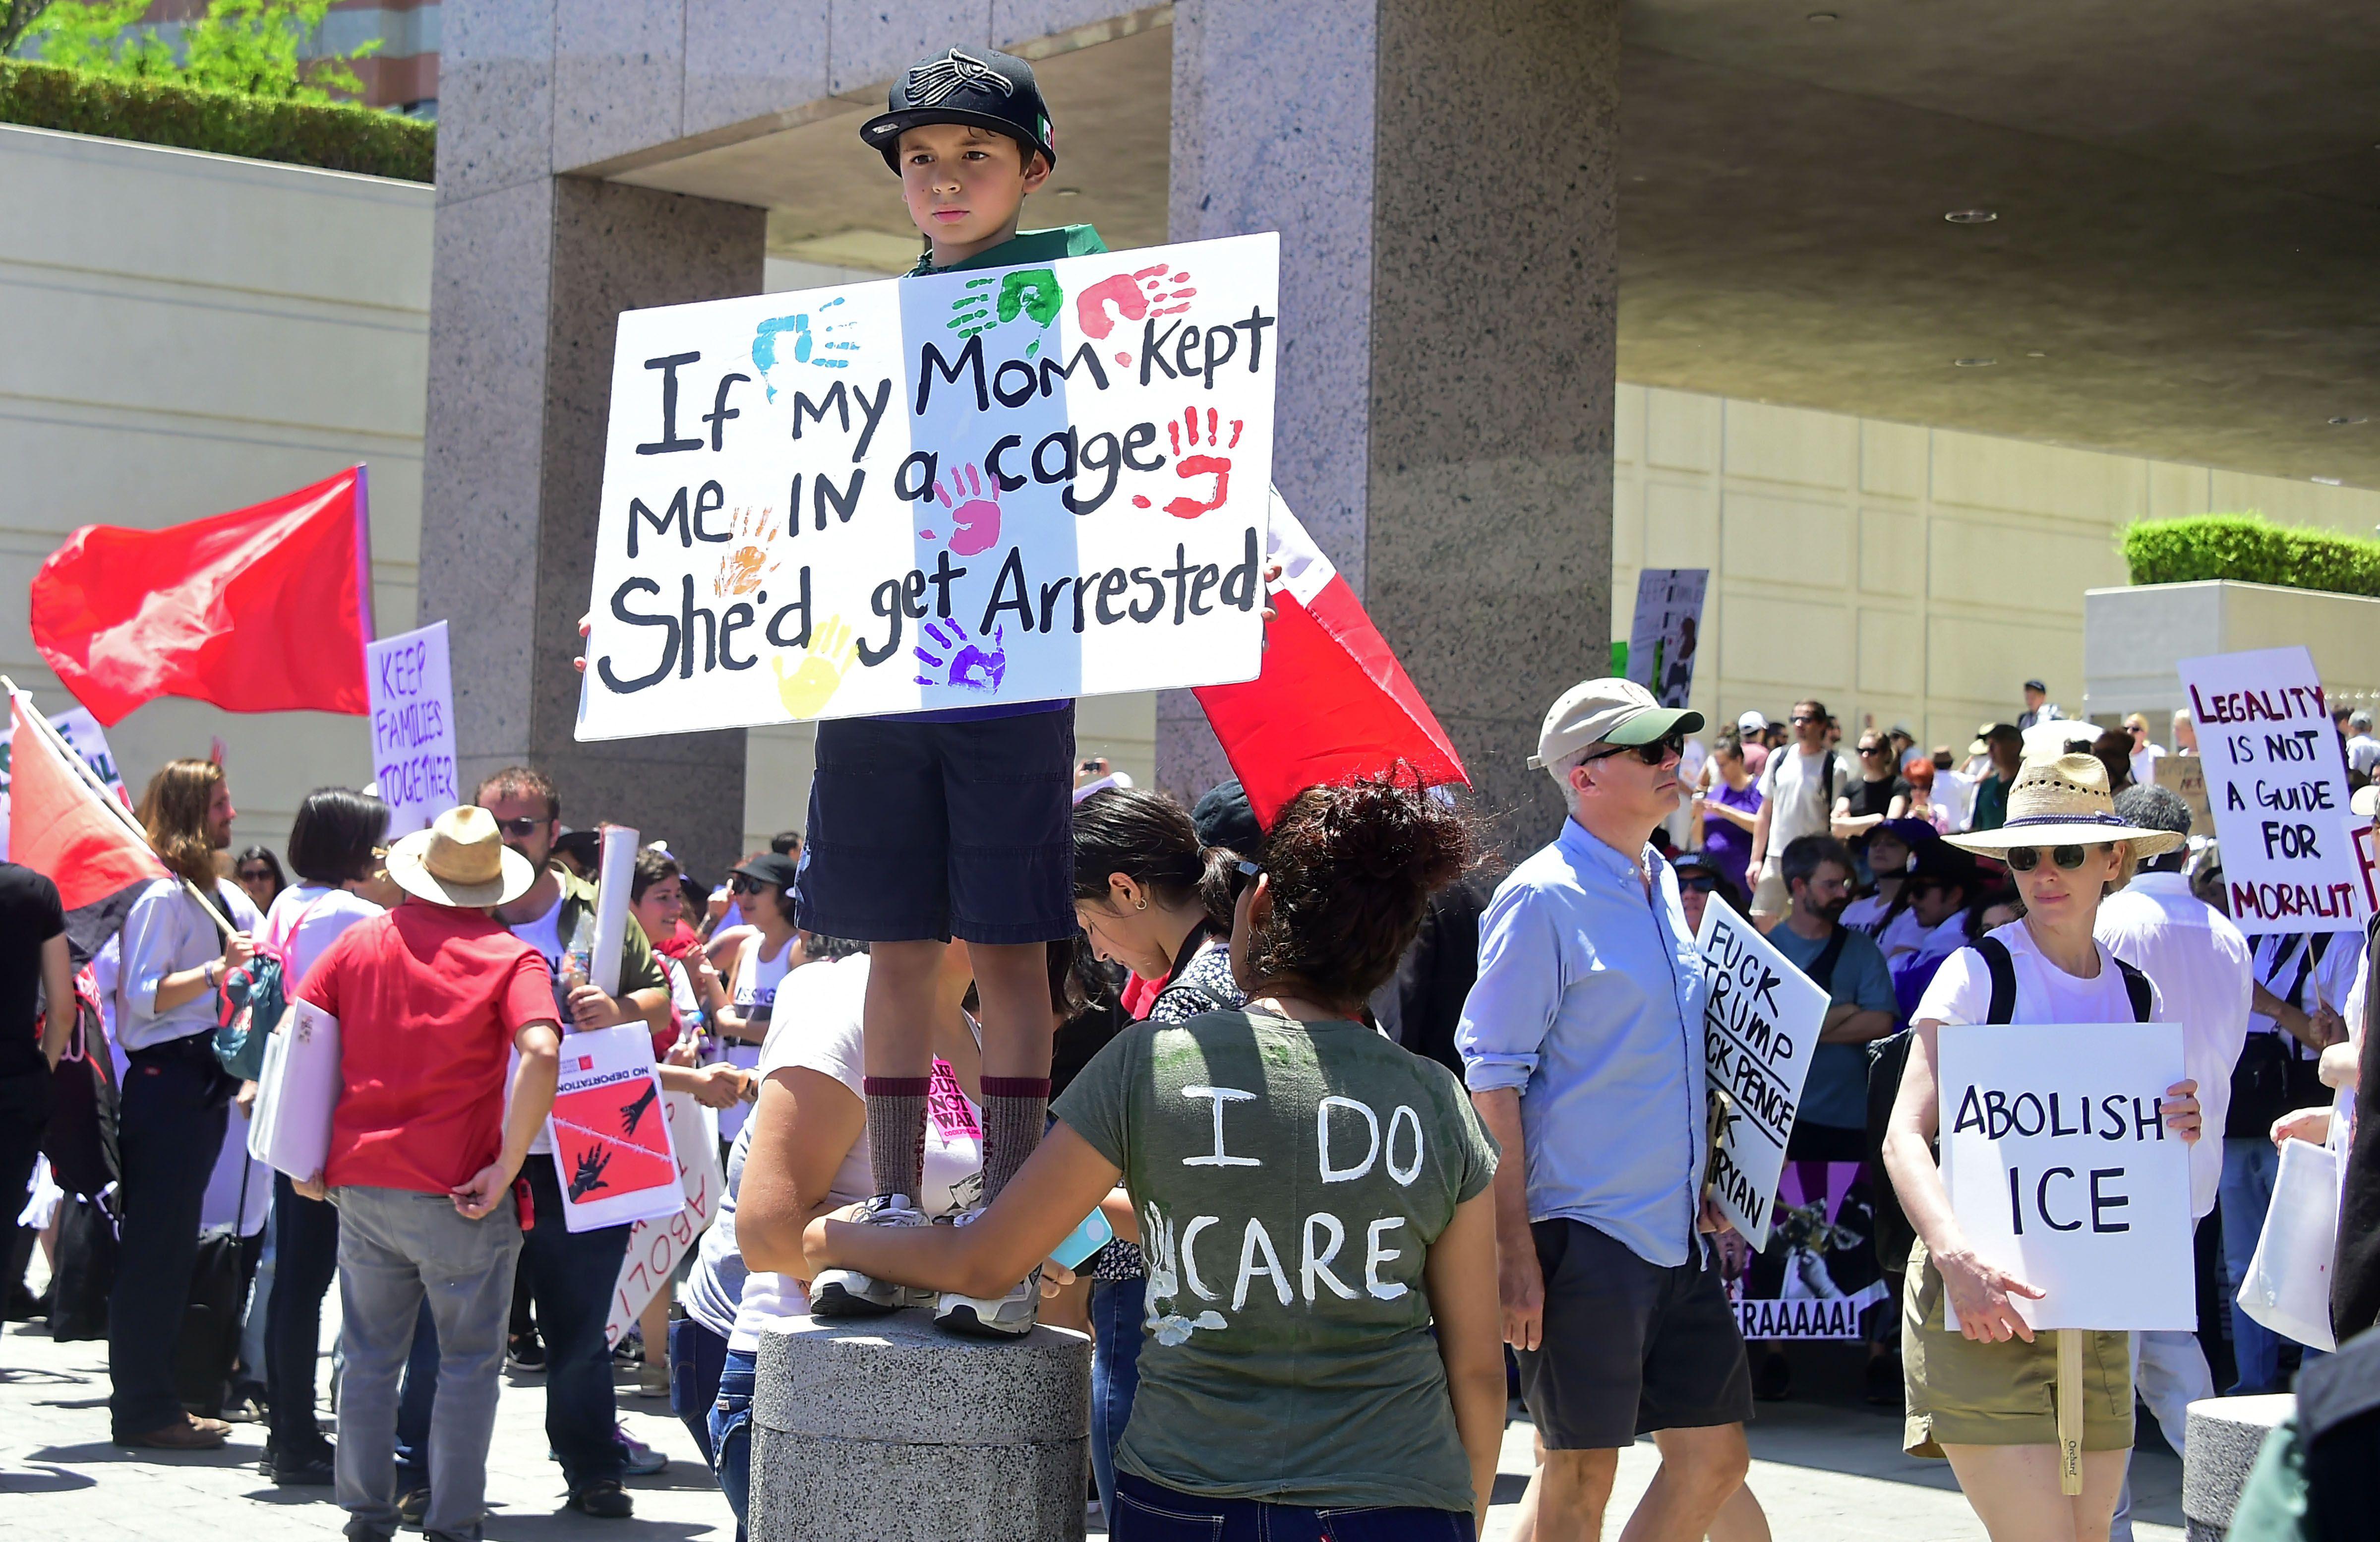 جانب من المظاهرات فى كاليفورنيا